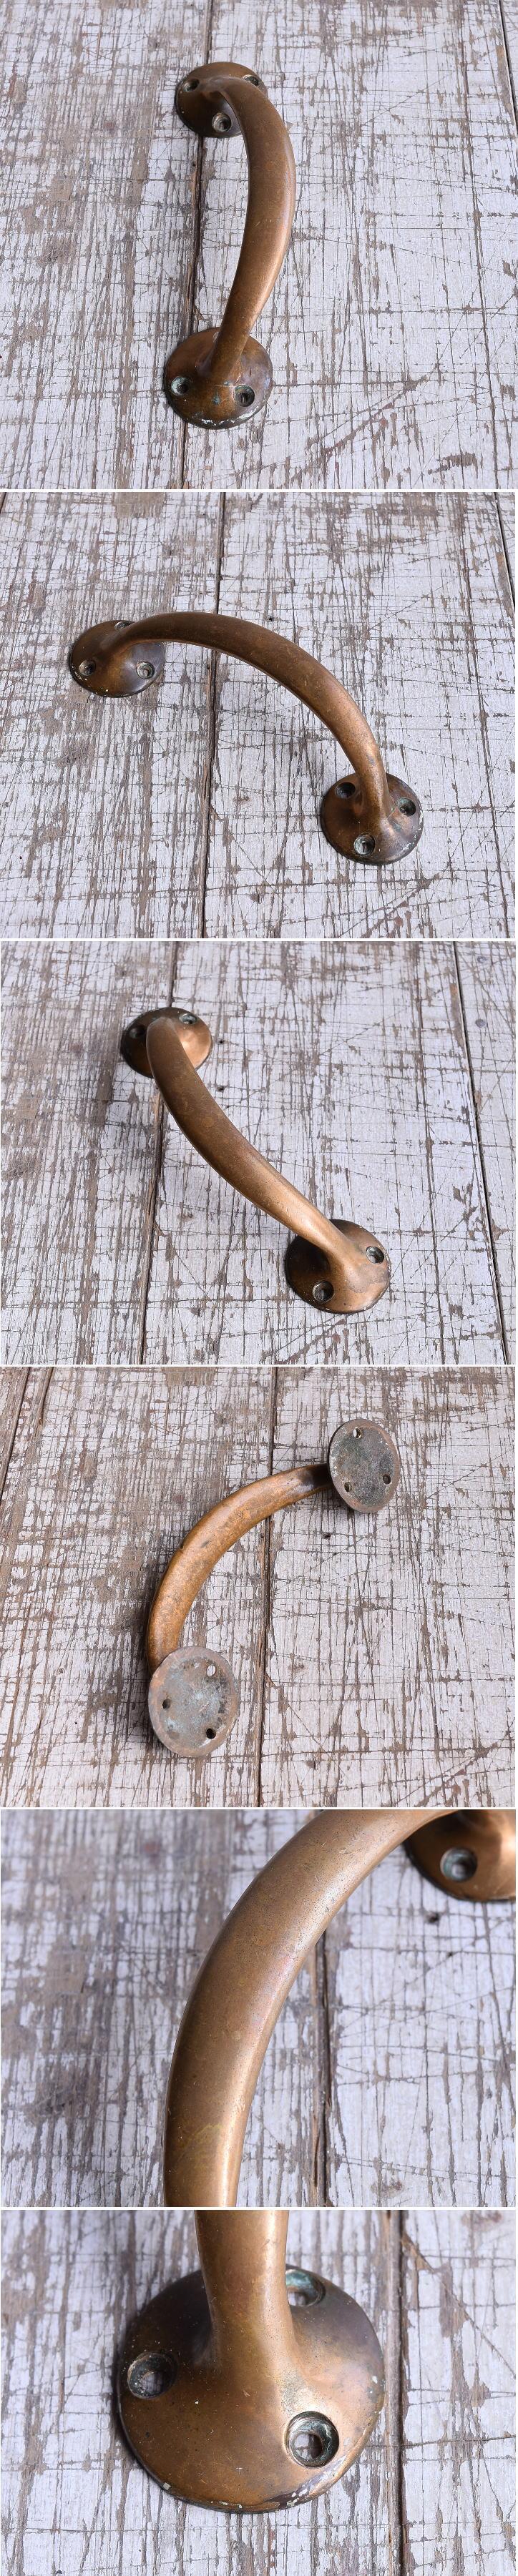 イギリス アンティーク 真鍮ハンドル 建具金物 取っ手 9417